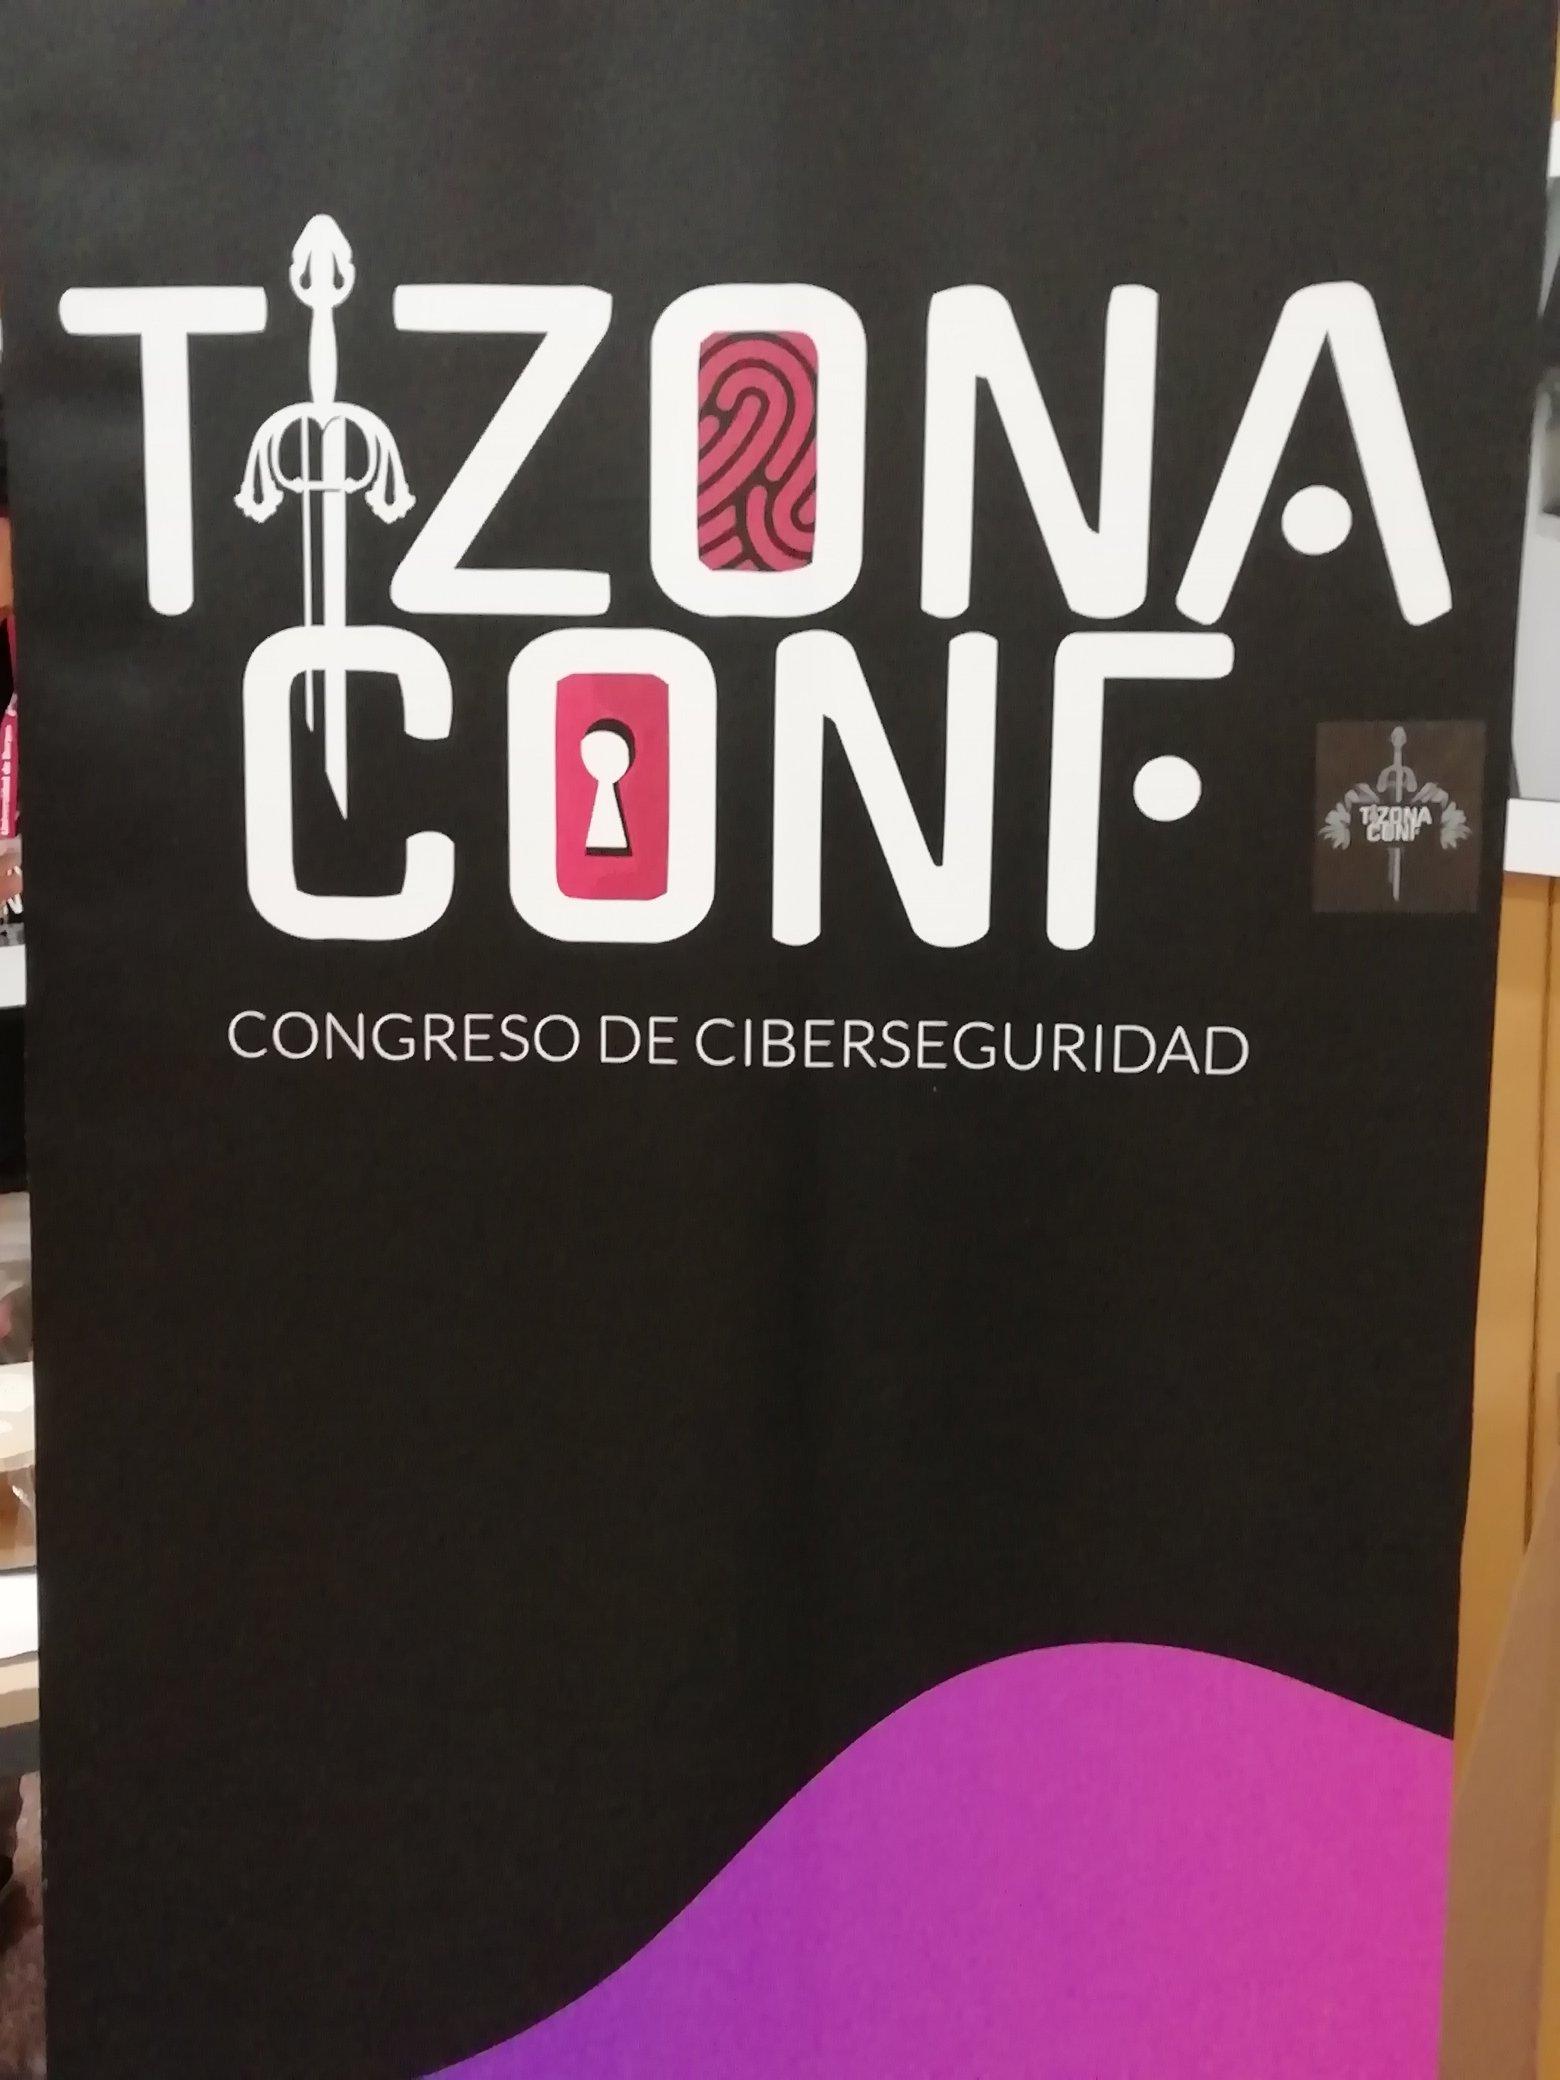 Tizona Conf